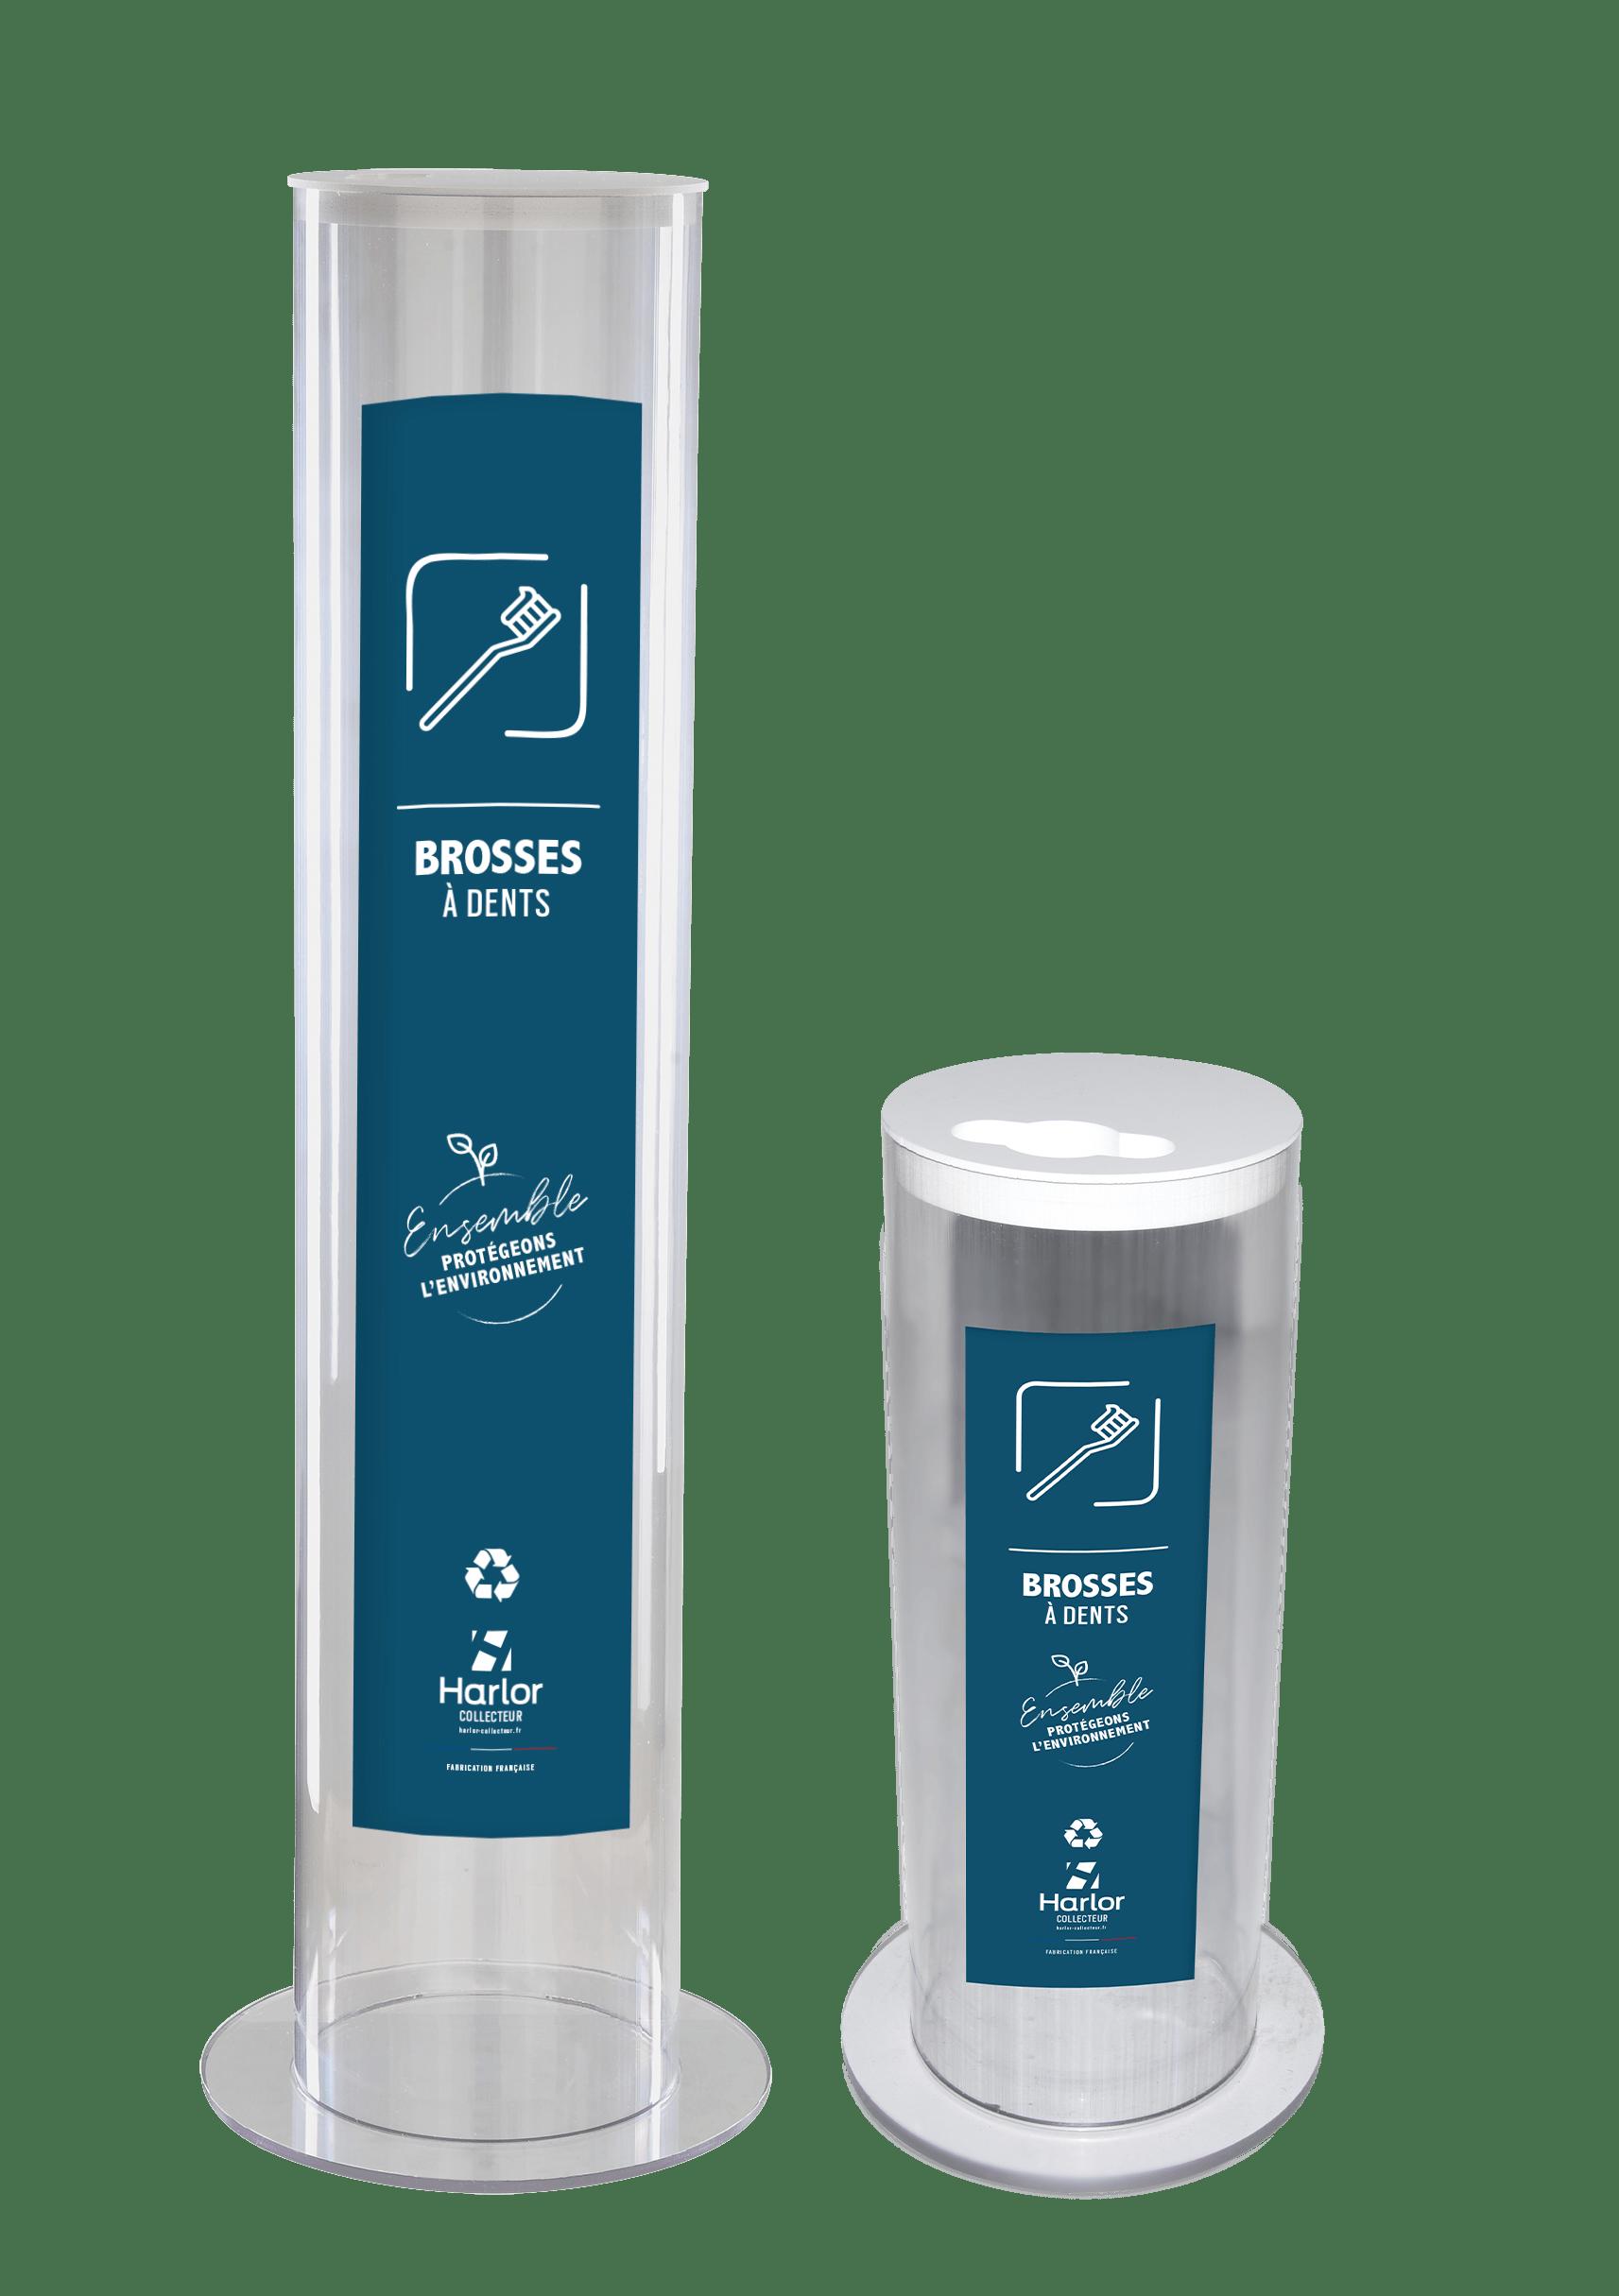 HARLOR COLLECTEURcollecteur de brosses a dents- recyclage brosse a dent- poubelle